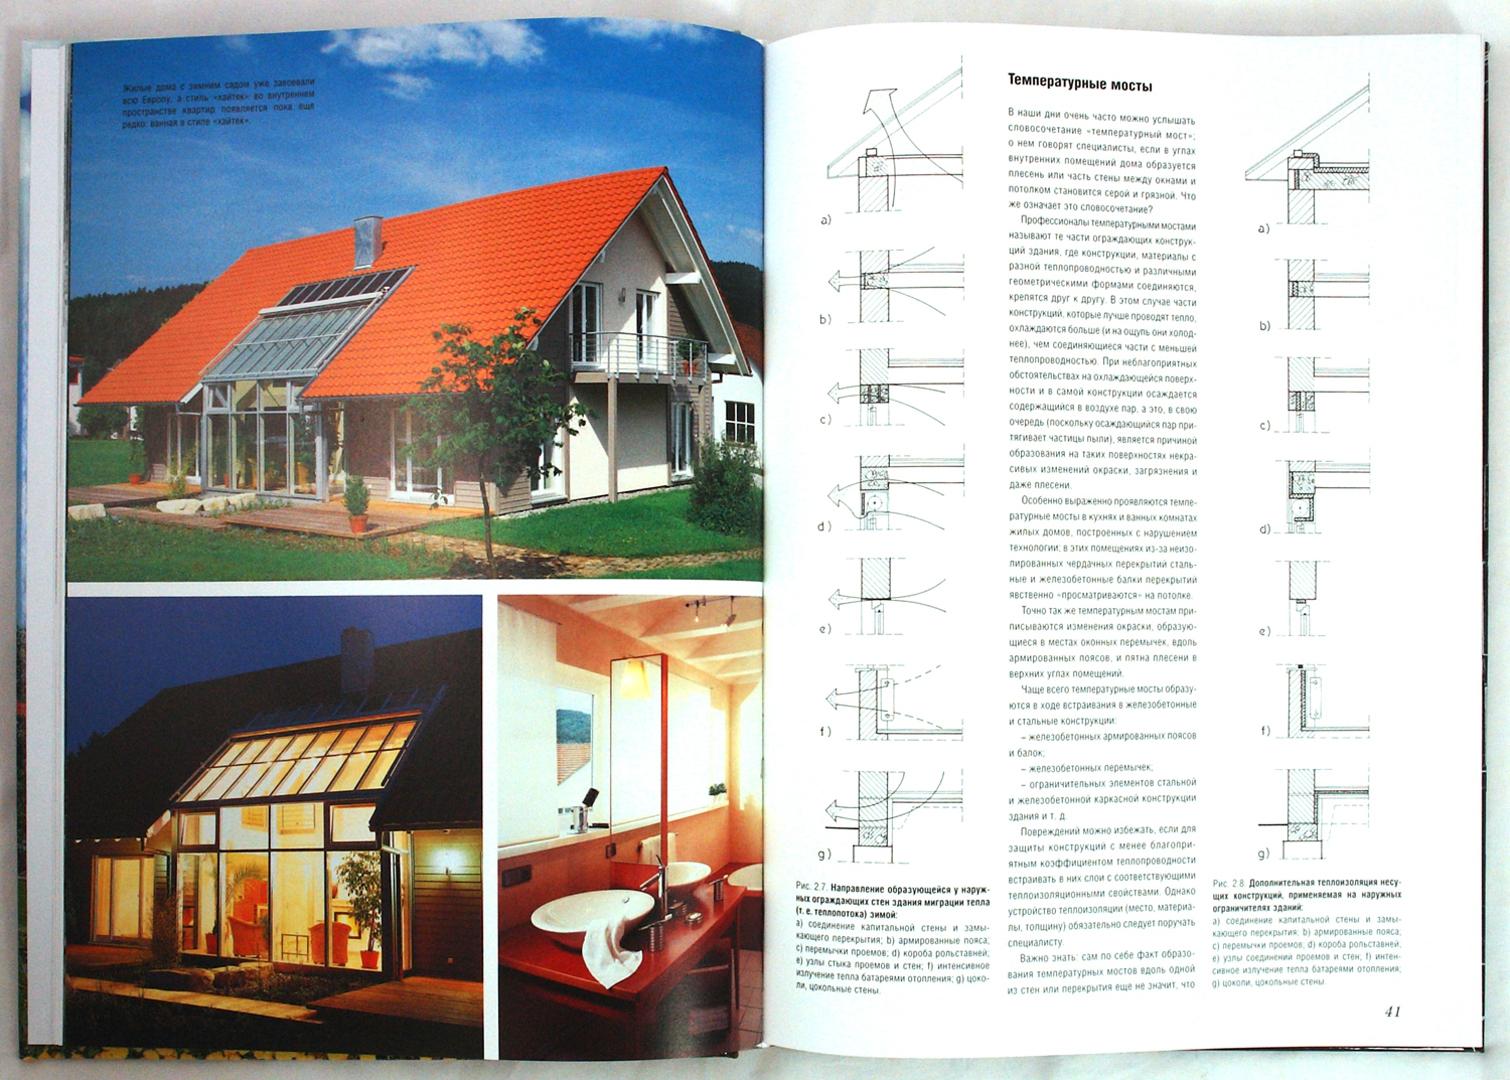 Иллюстрация 1 из 2 для Современный загородный дом. От фундамента до крыши - Йожеф Косо   Лабиринт - книги. Источник: Лабиринт